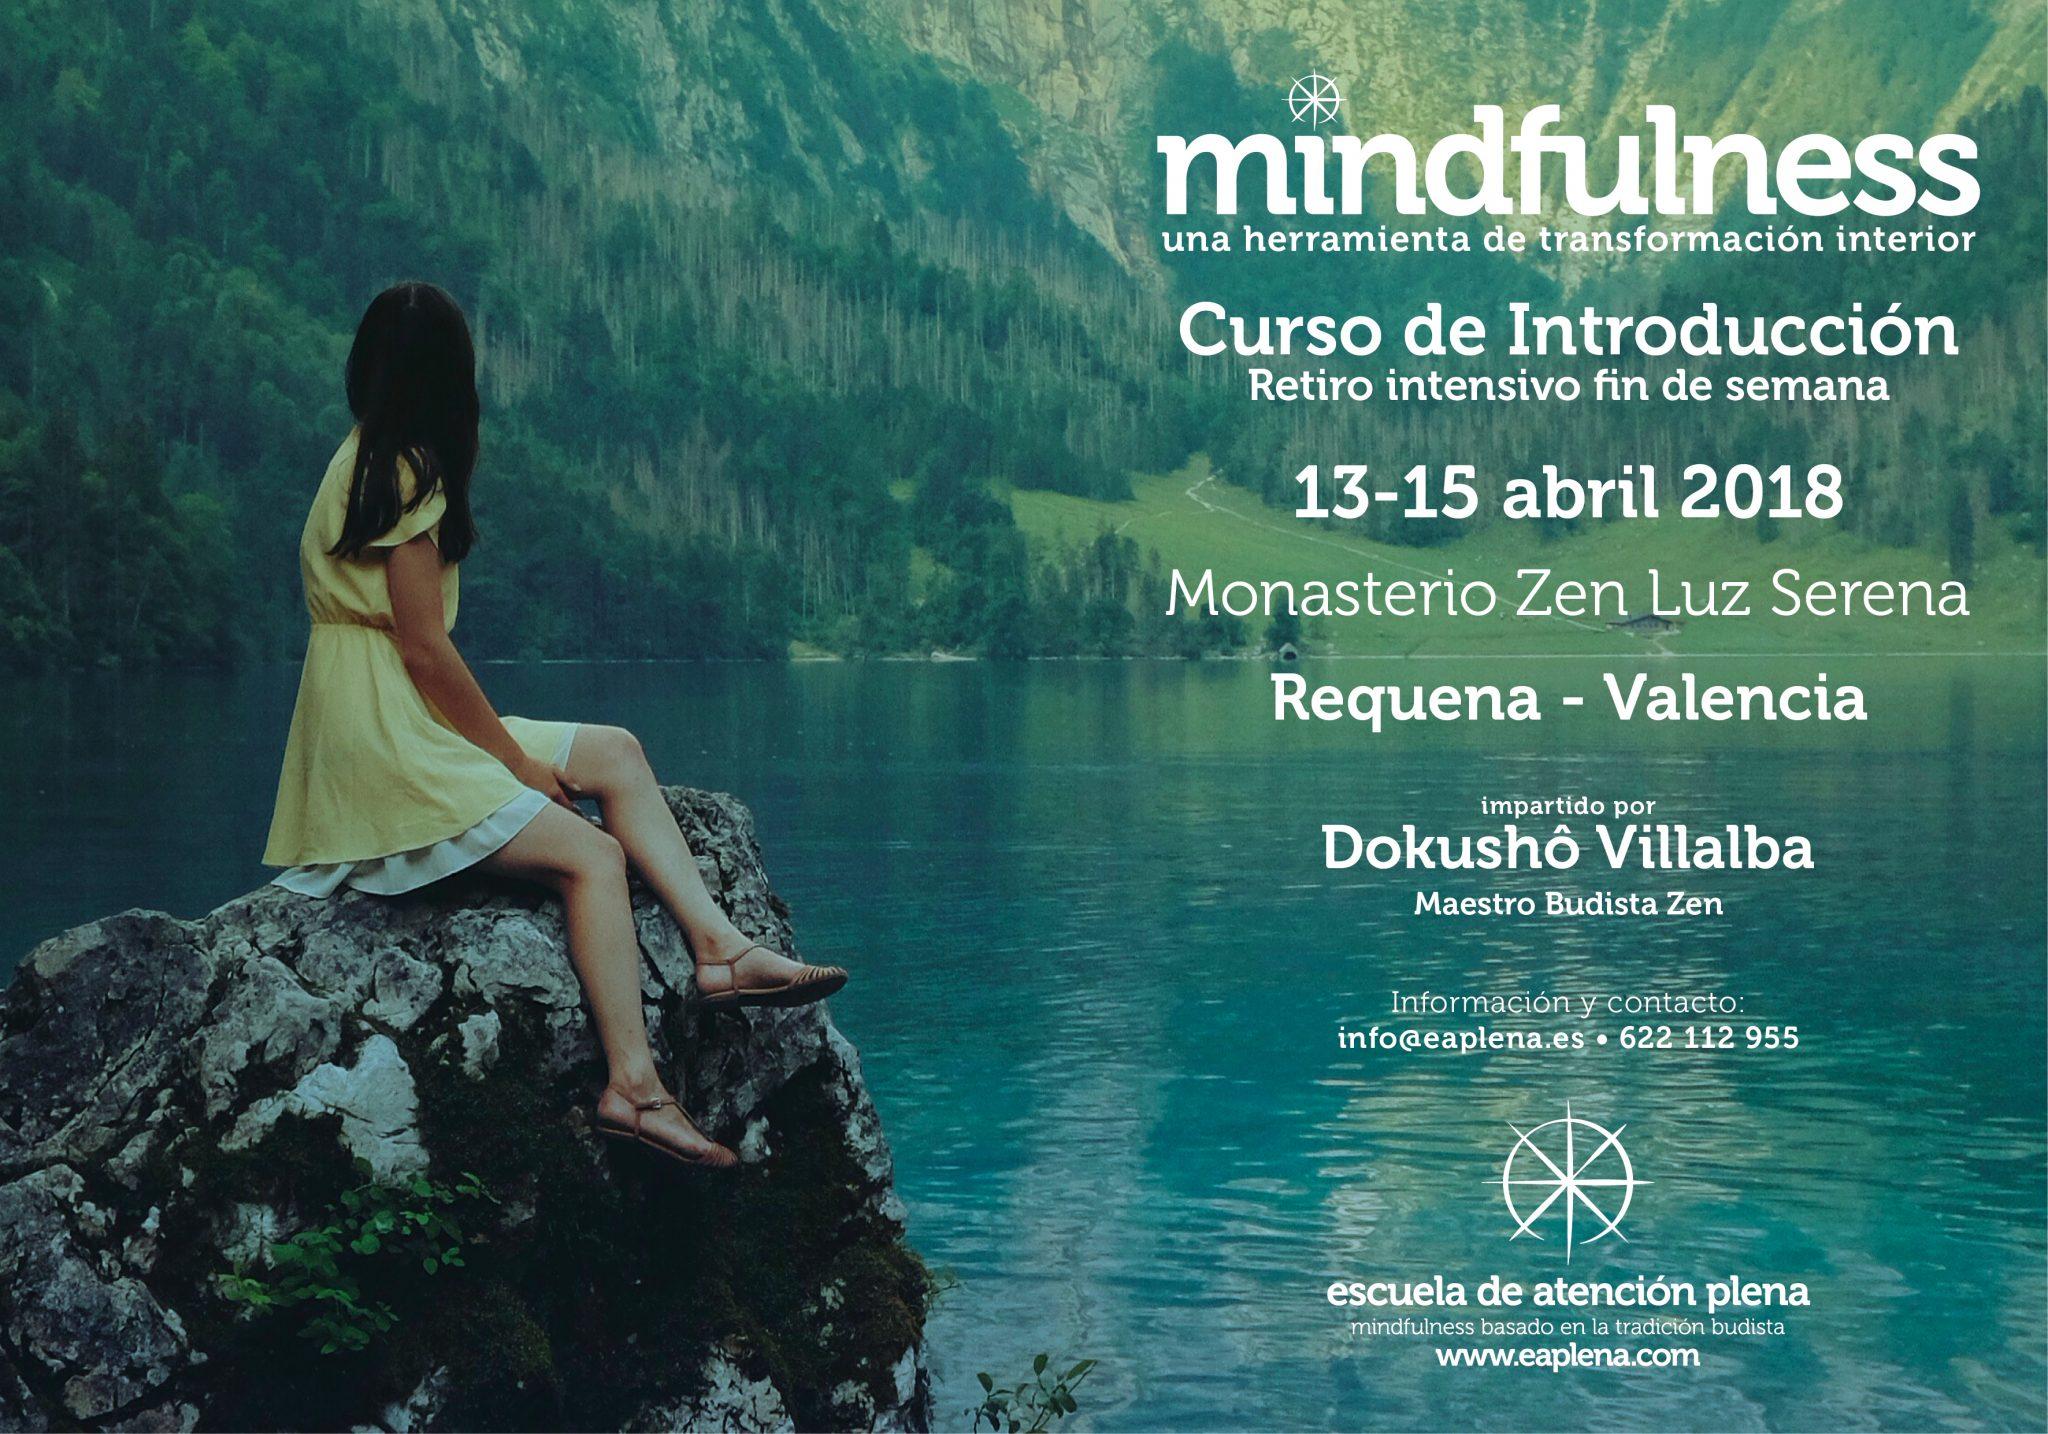 Curso de introducción al mindfulness basado en la tradición budista